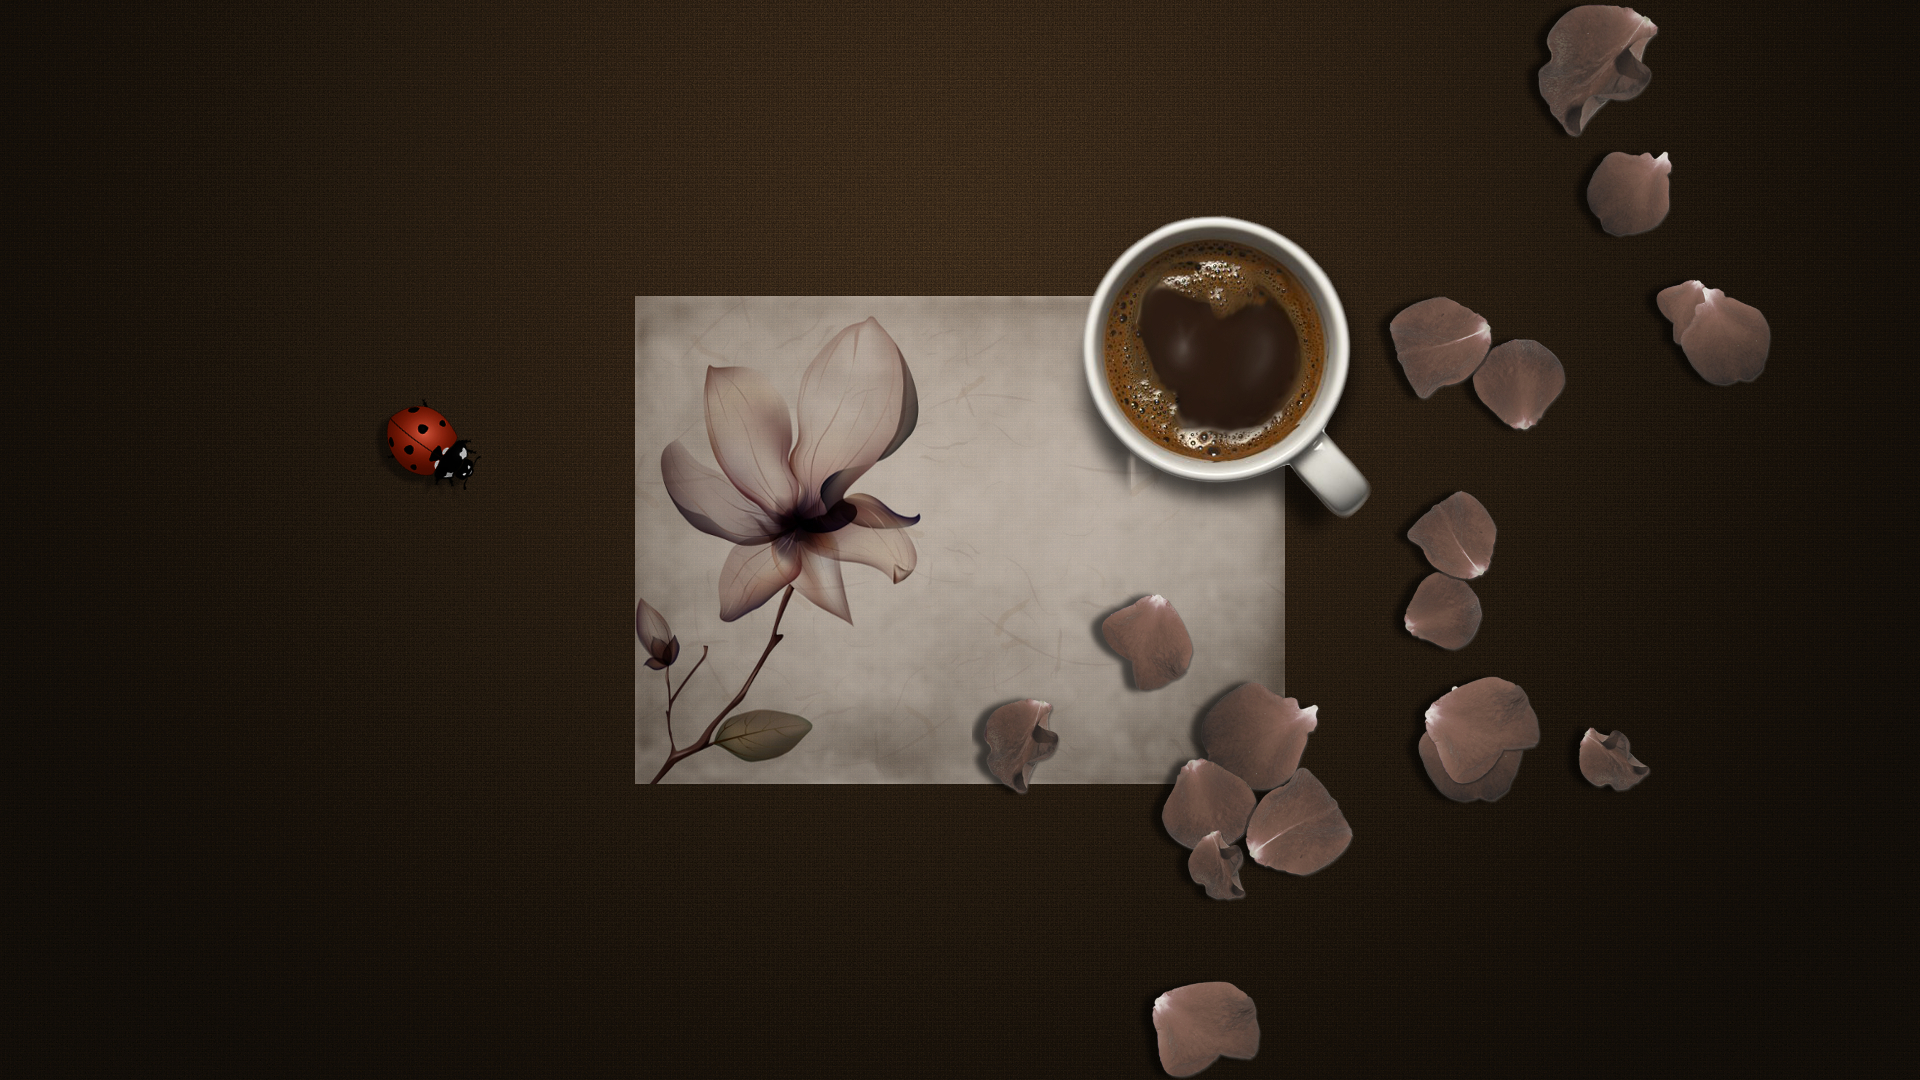 Чашка кофе с бабочкой в хорошем качестве